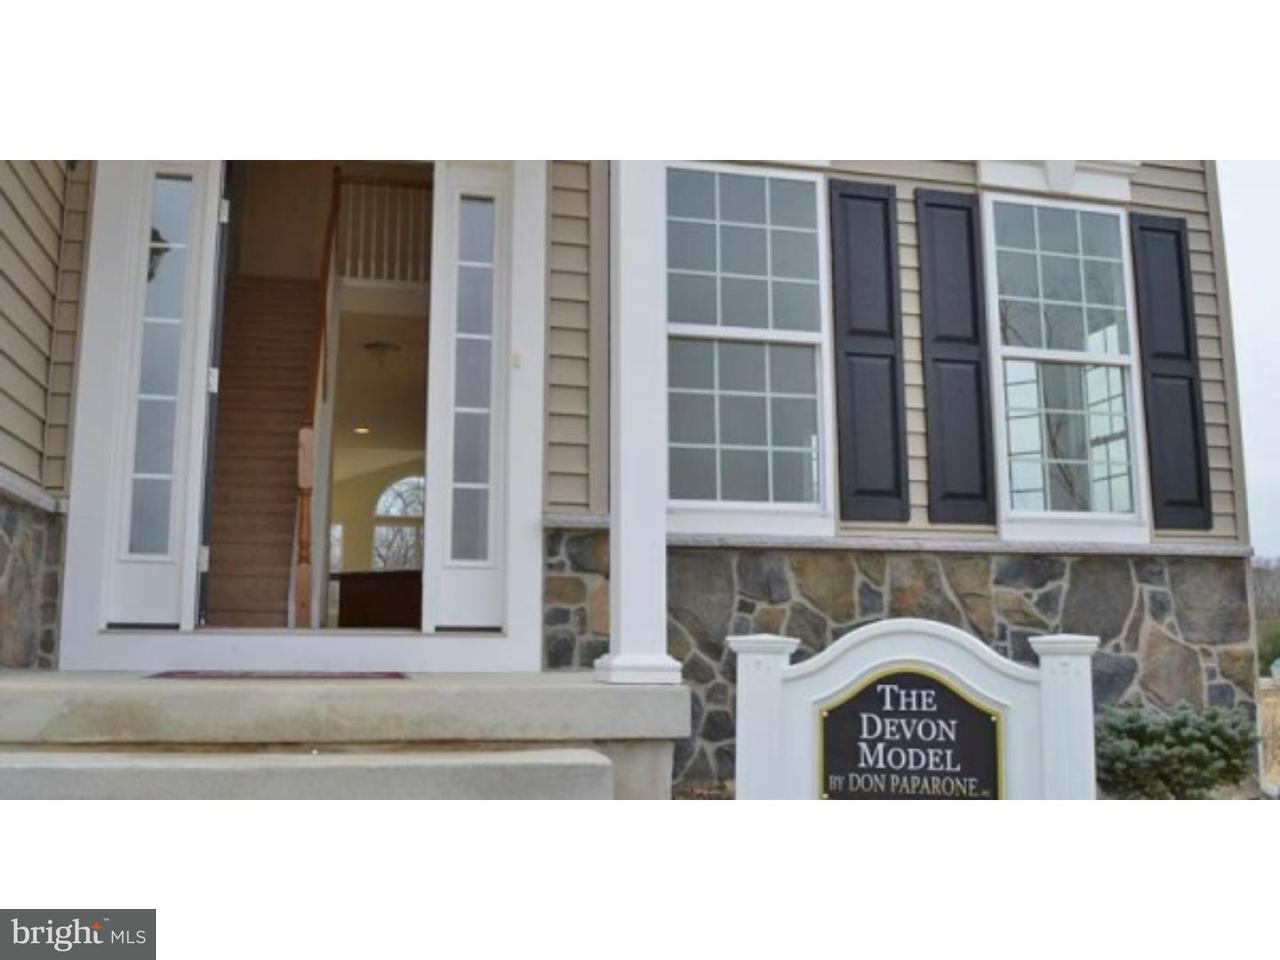 Μονοκατοικία για την Πώληση στο 113 GALLERIA Drive Hamilton, Νιου Τζερσεϋ 08330 Ηνωμενεσ ΠολιτειεσΣτην/Γύρω: Hamilton Township